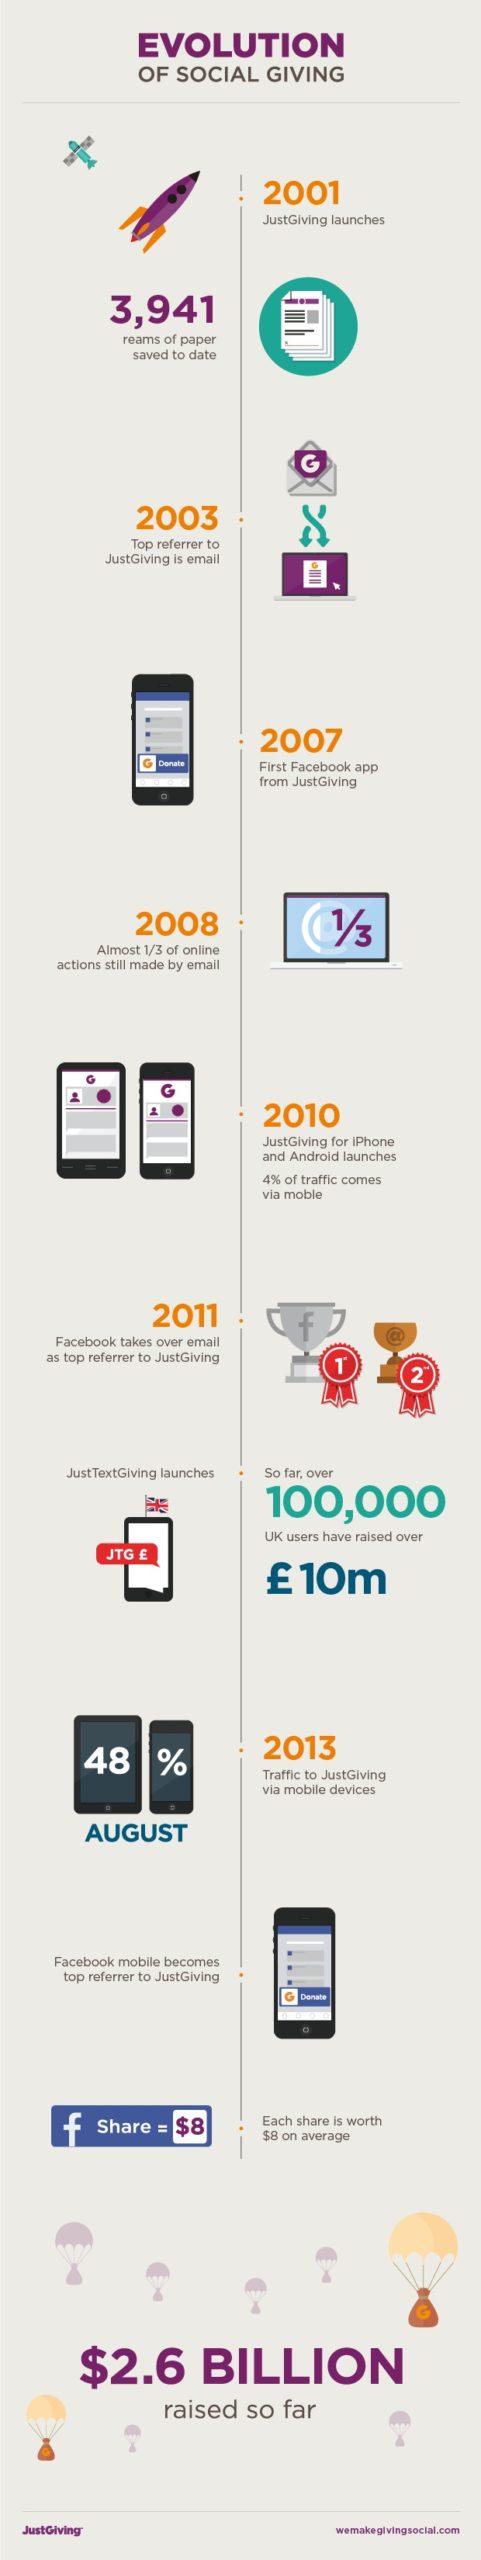 Evolution of social giving